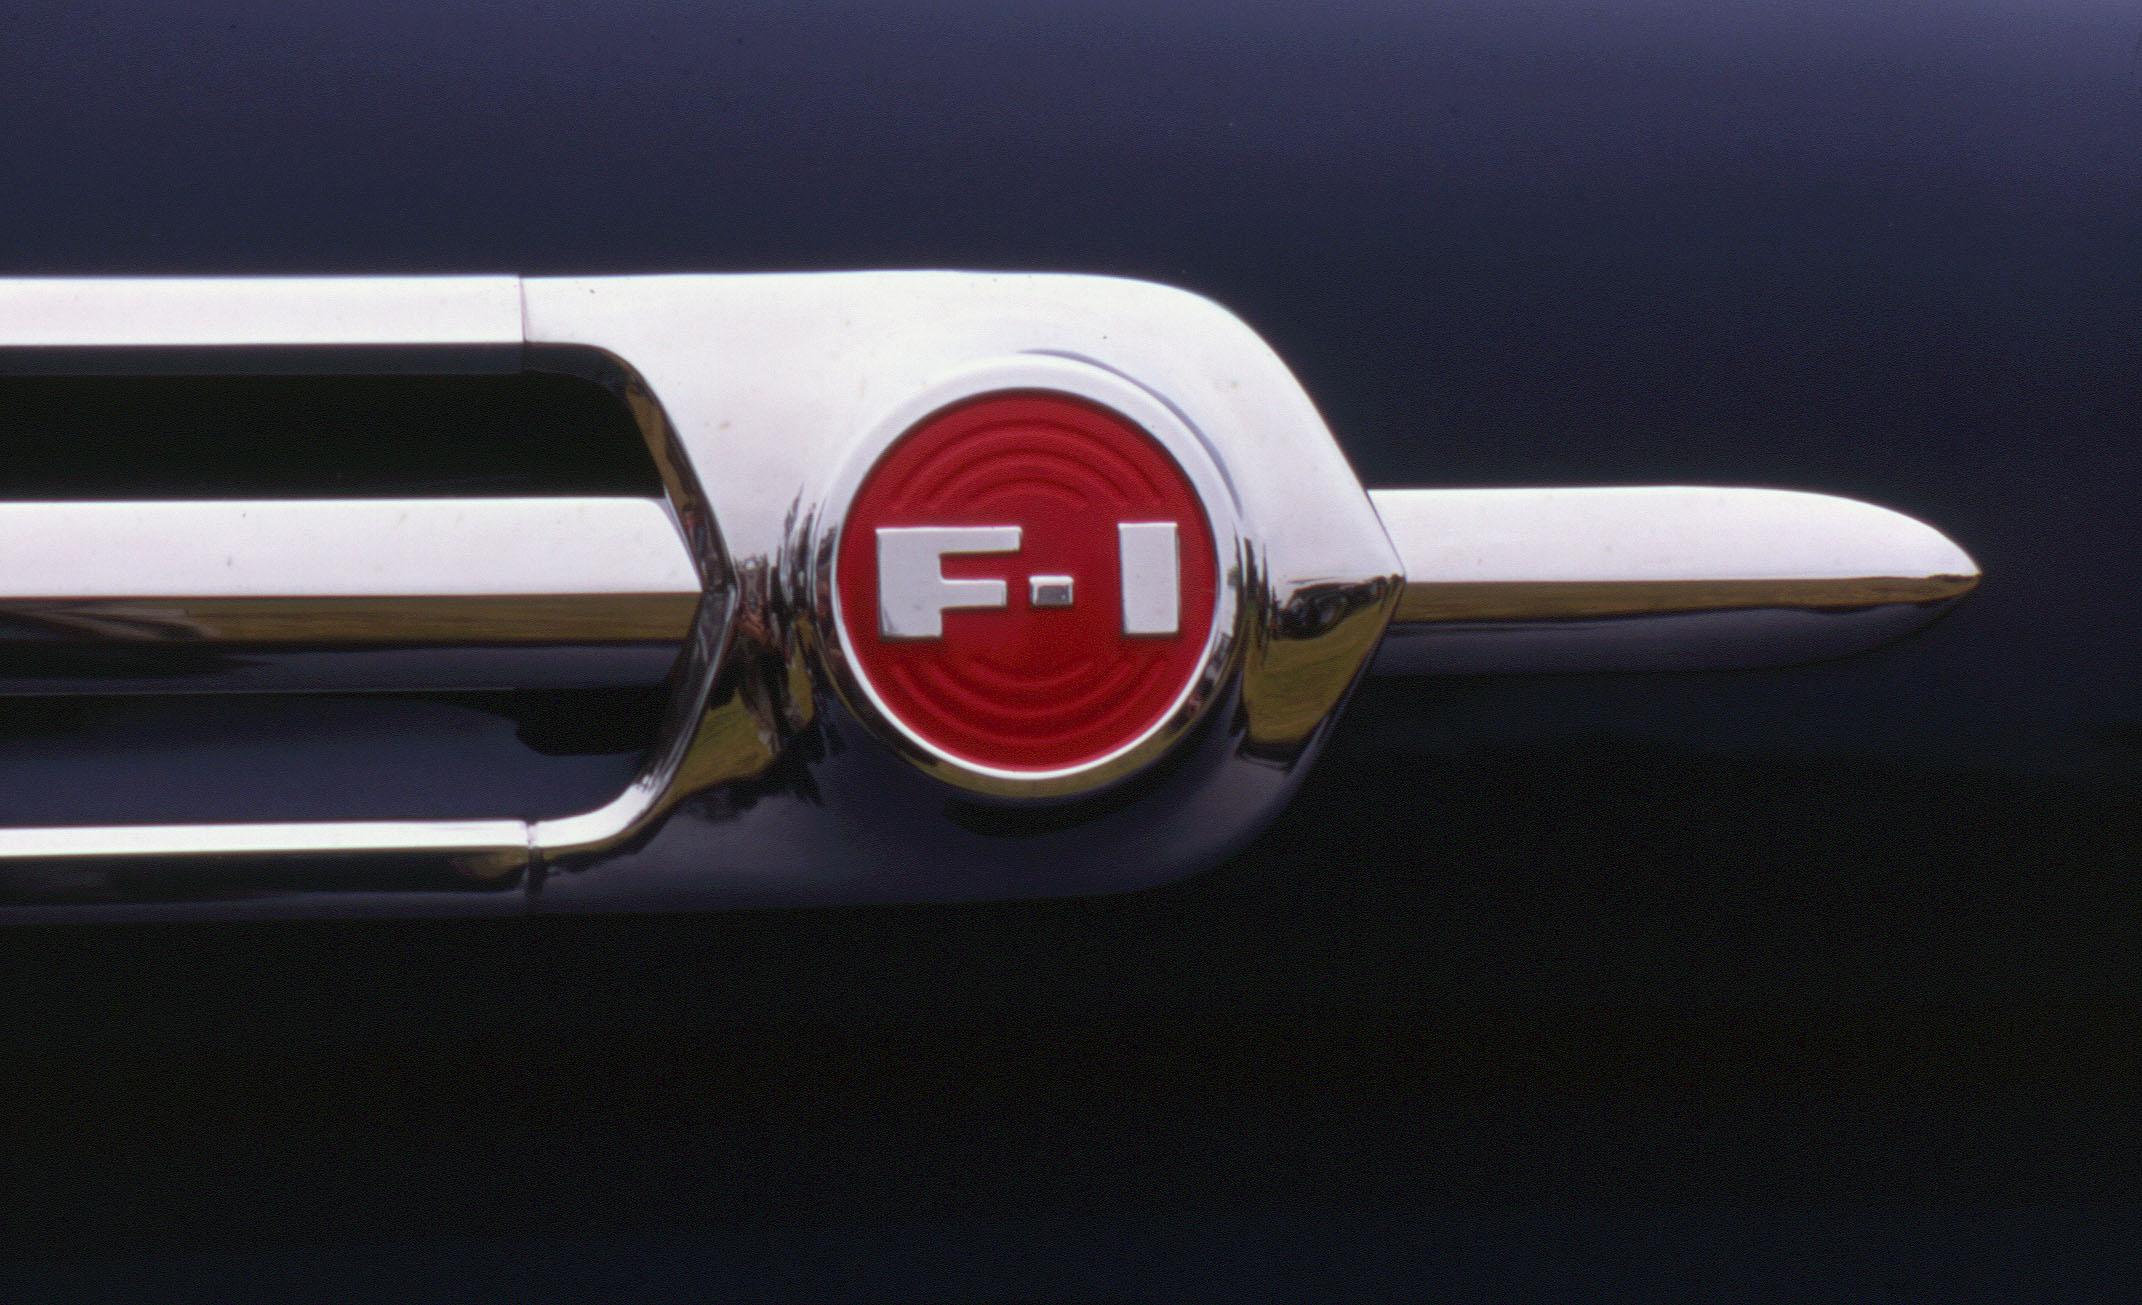 ss-cars-Blk_F1.jpg